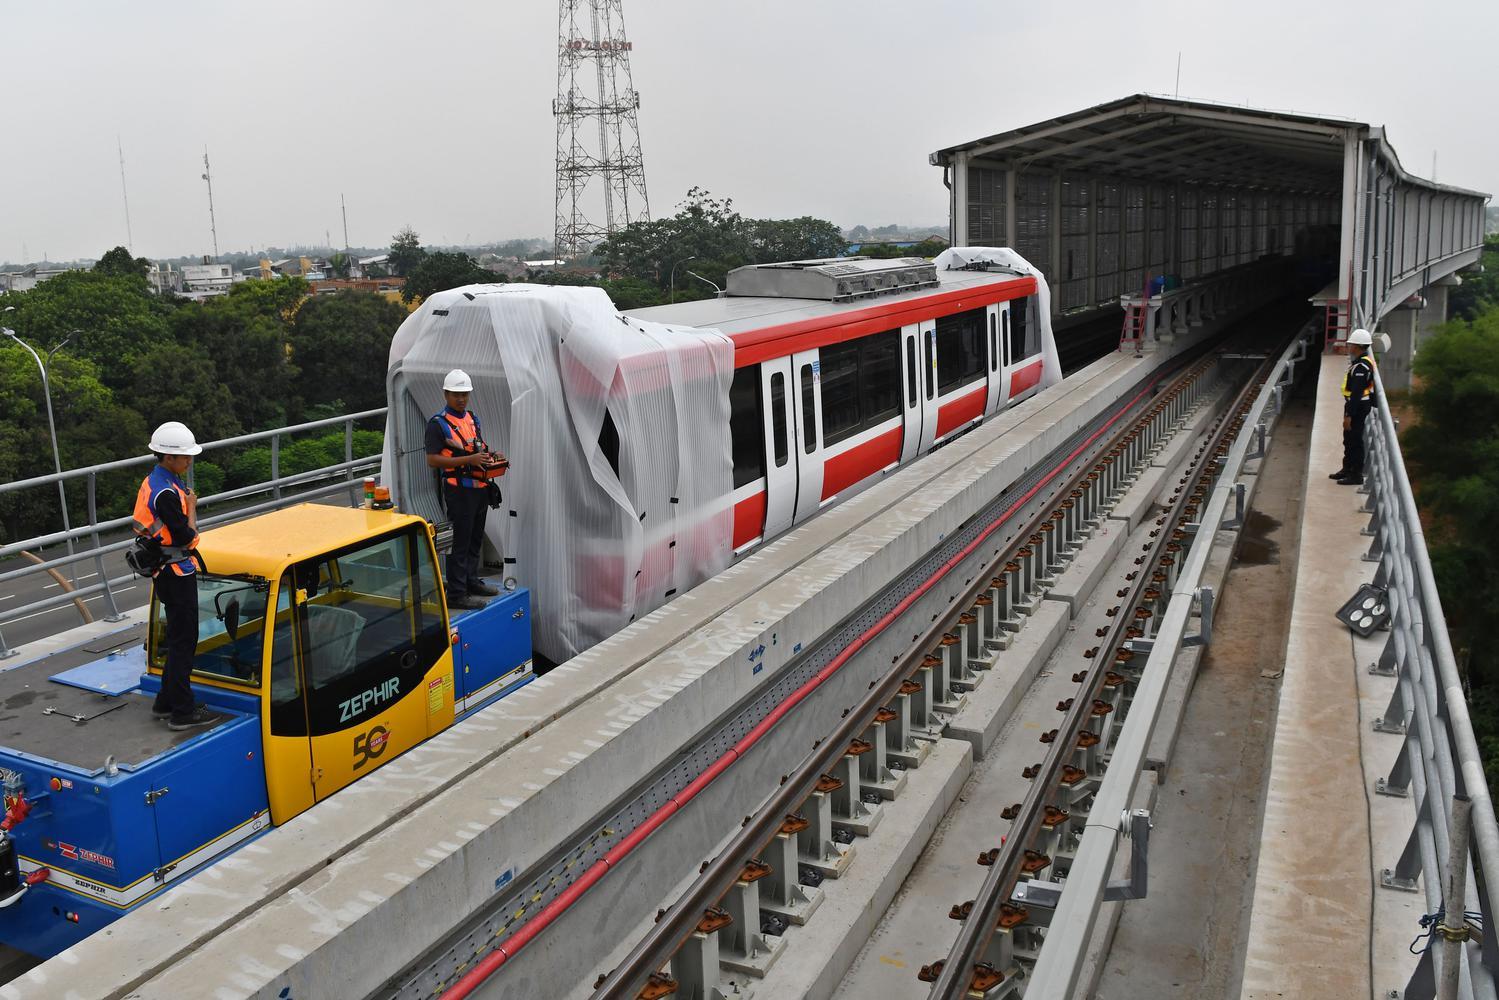 Sejumlah petugas mengoperasikan alat pendorong gerbong kereta 'light rail train' atau lintas rel terpadu (LRT) yang telah diangkat ke atas rel di Stasiun Harjamukti, Cimanggis, Kota Depok, Jawa Barat, Rabu (4/12/2019).